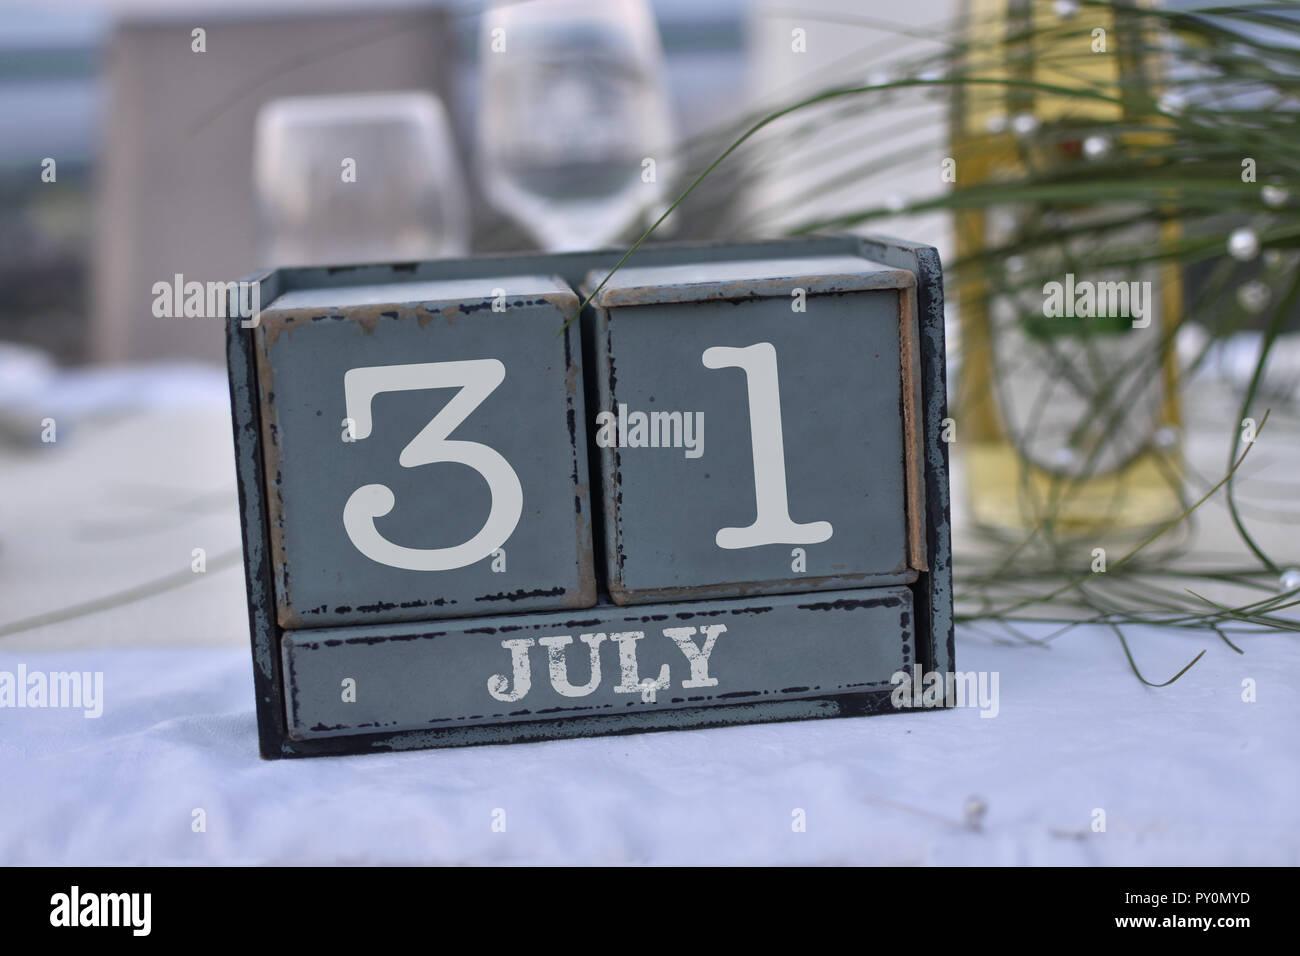 Calendario 31 Luglio.I Blocchi Di Legno Nella Casella Con La Data Il Giorno E Il